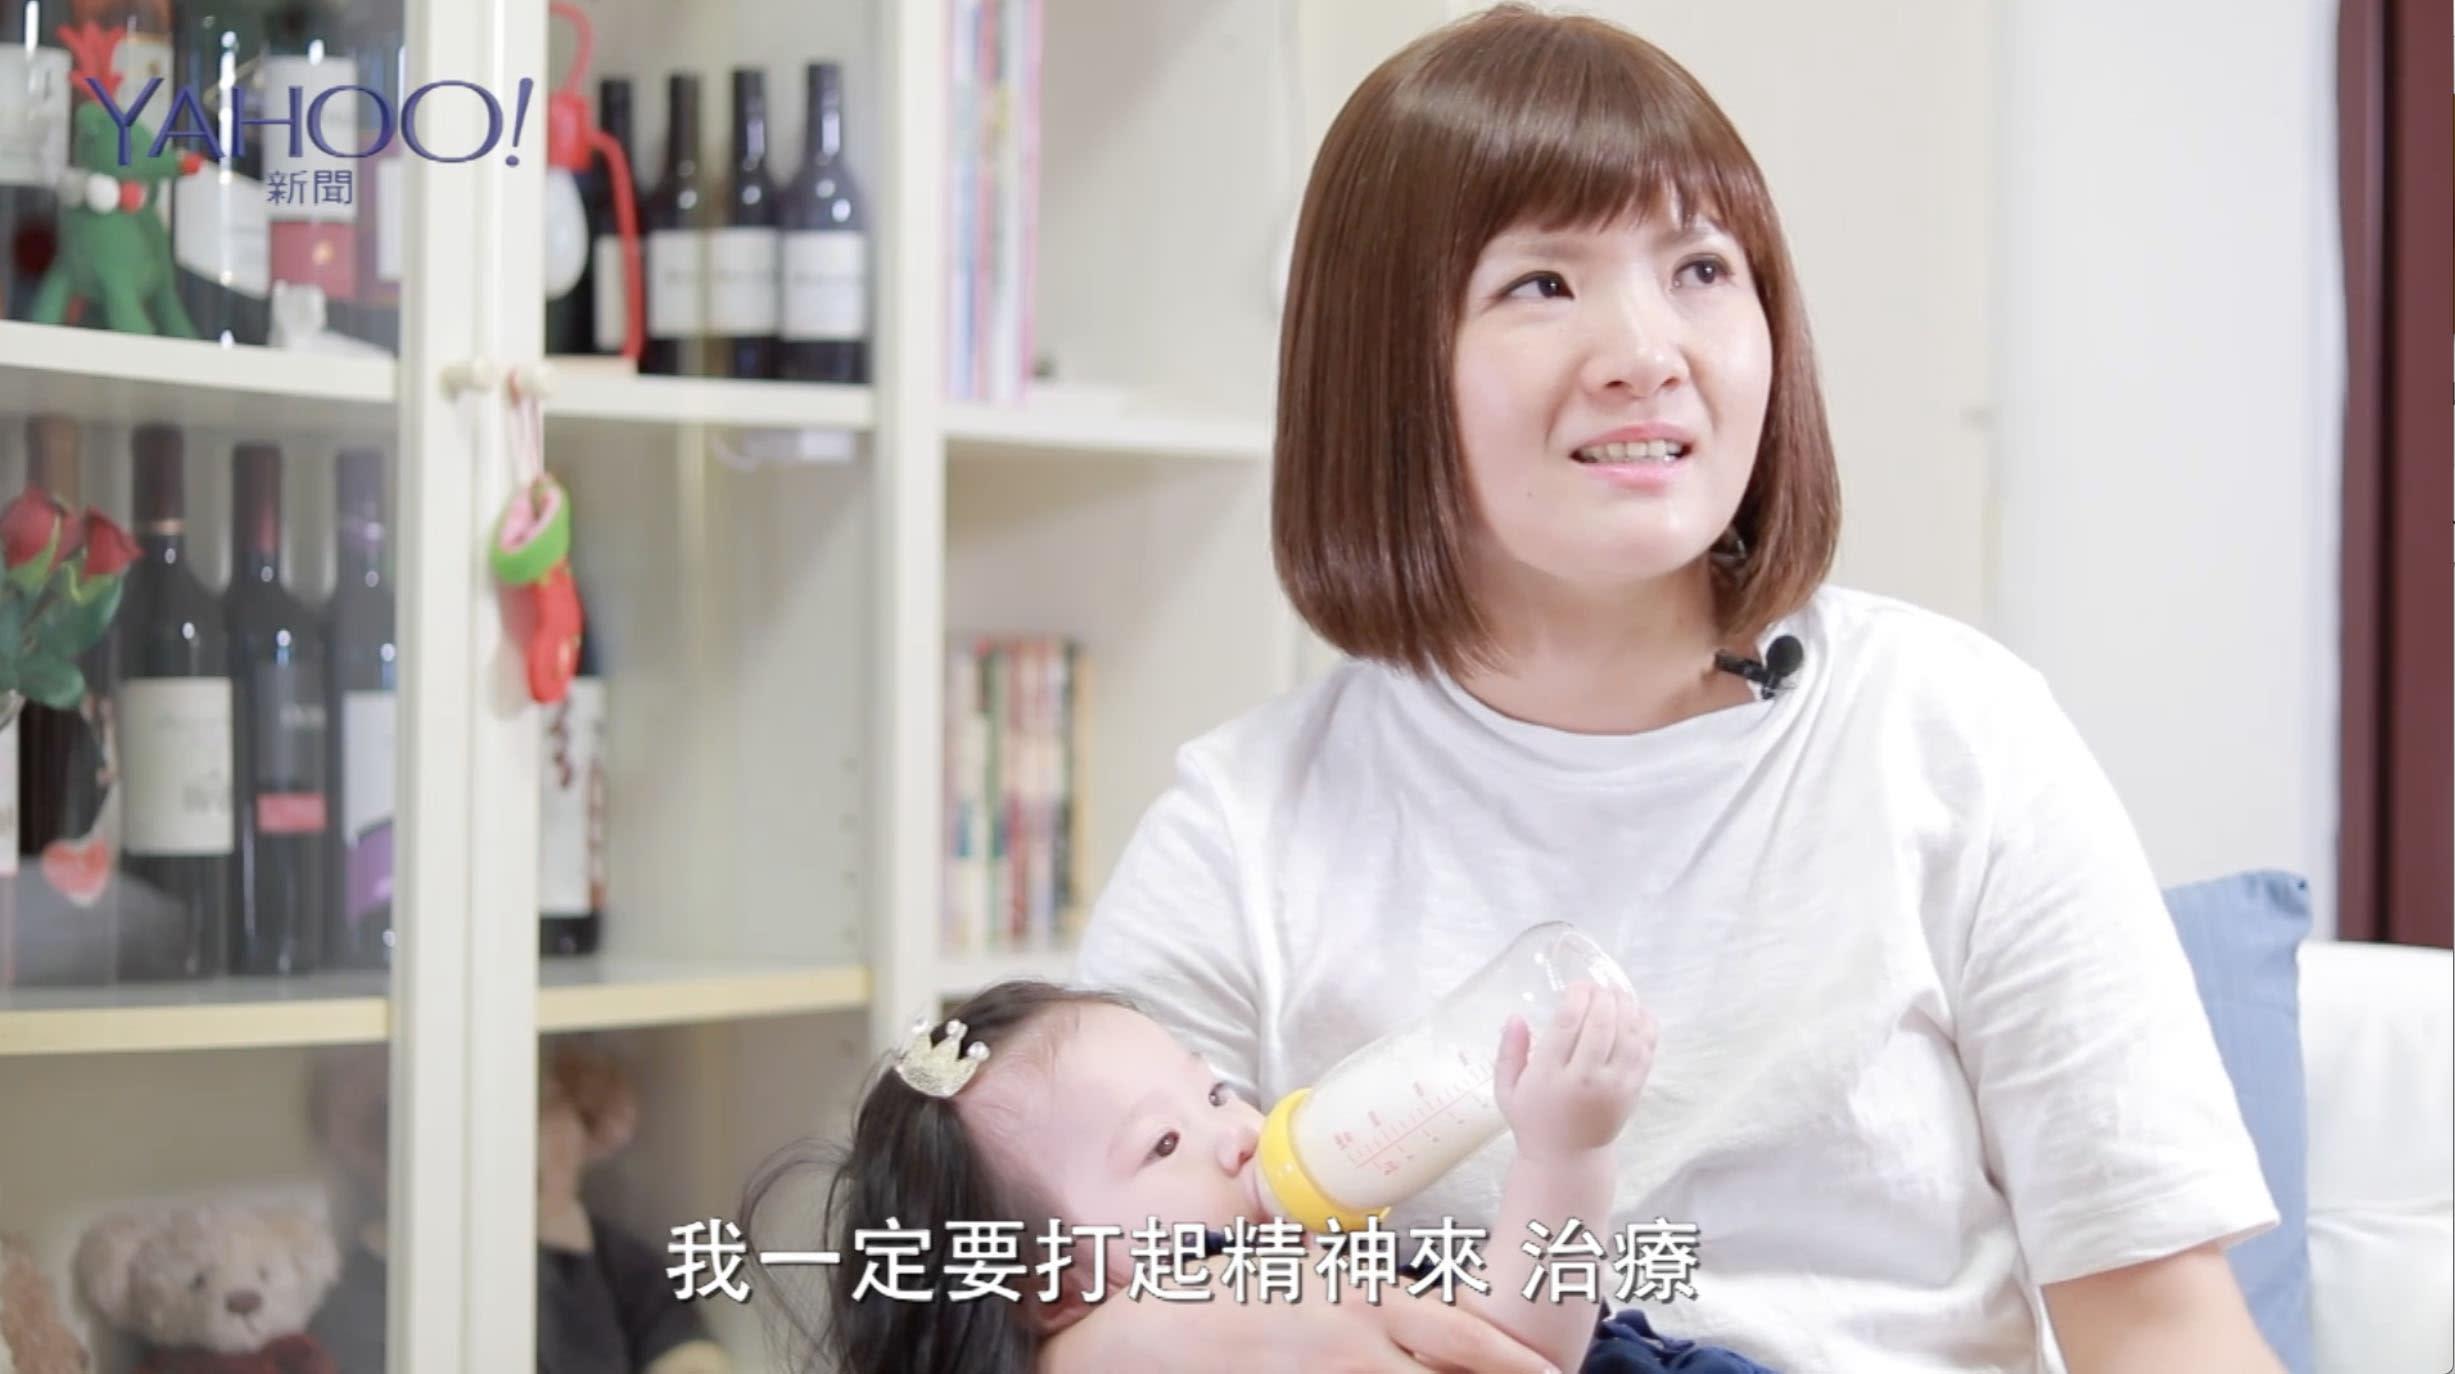 才剛迎接第二個新生兒 卻在餵母乳時發現乳癌